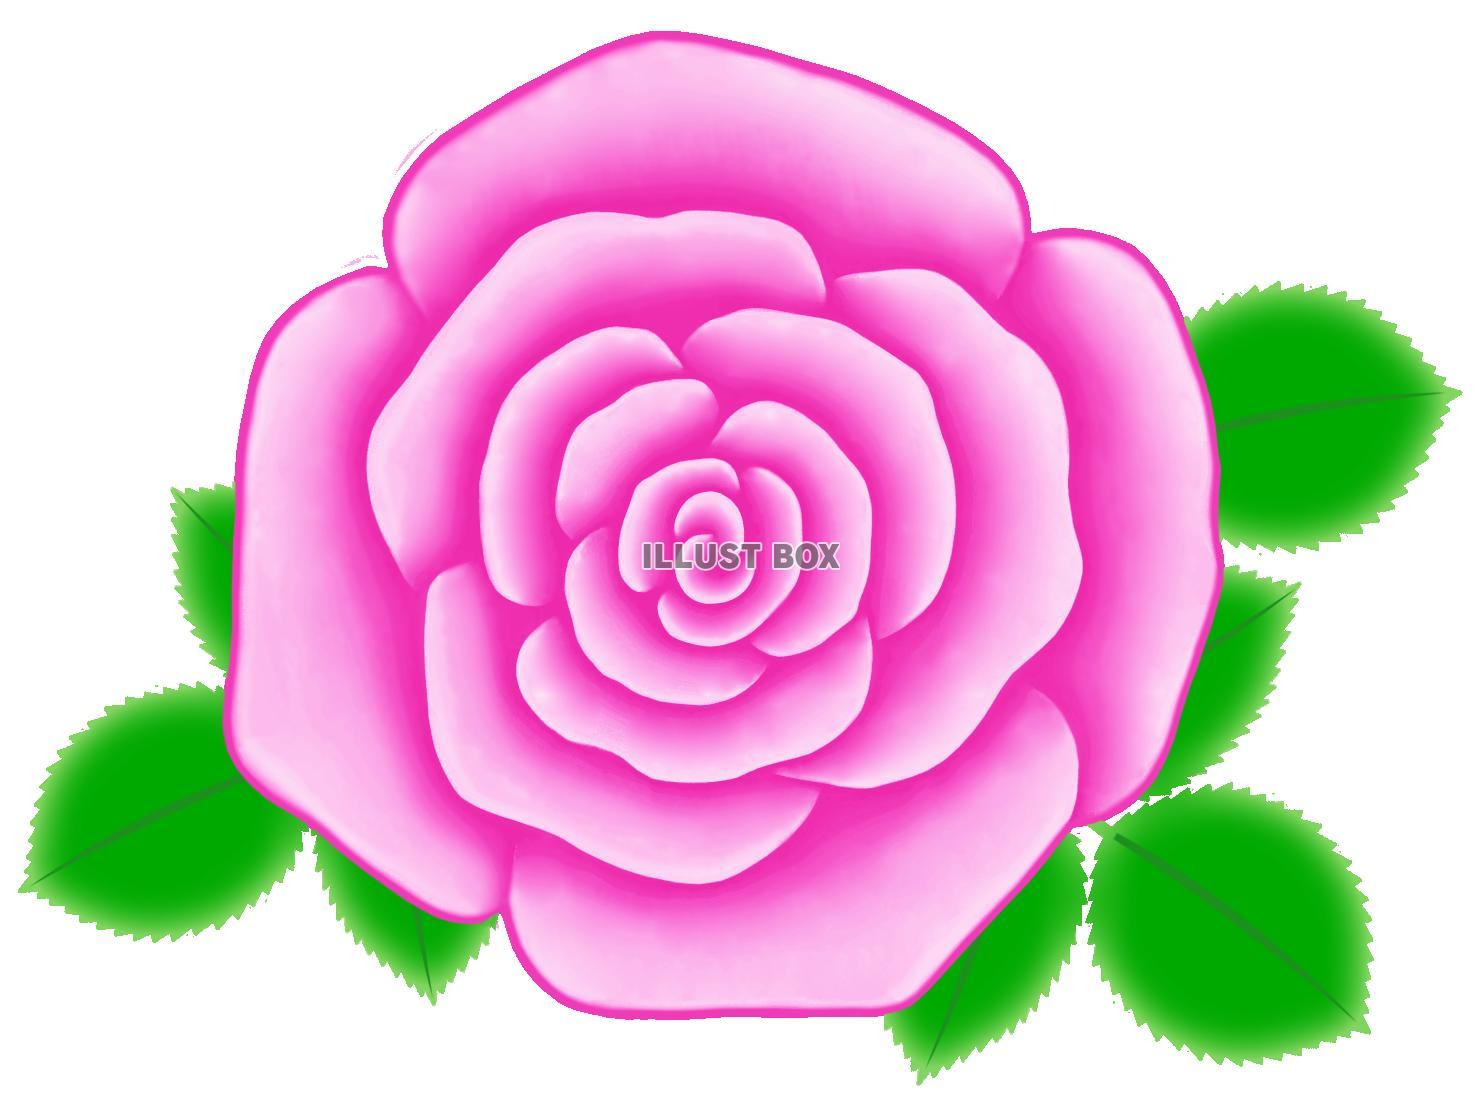 無料イラスト バラの花のワンポイントイラスト背景素材透過png